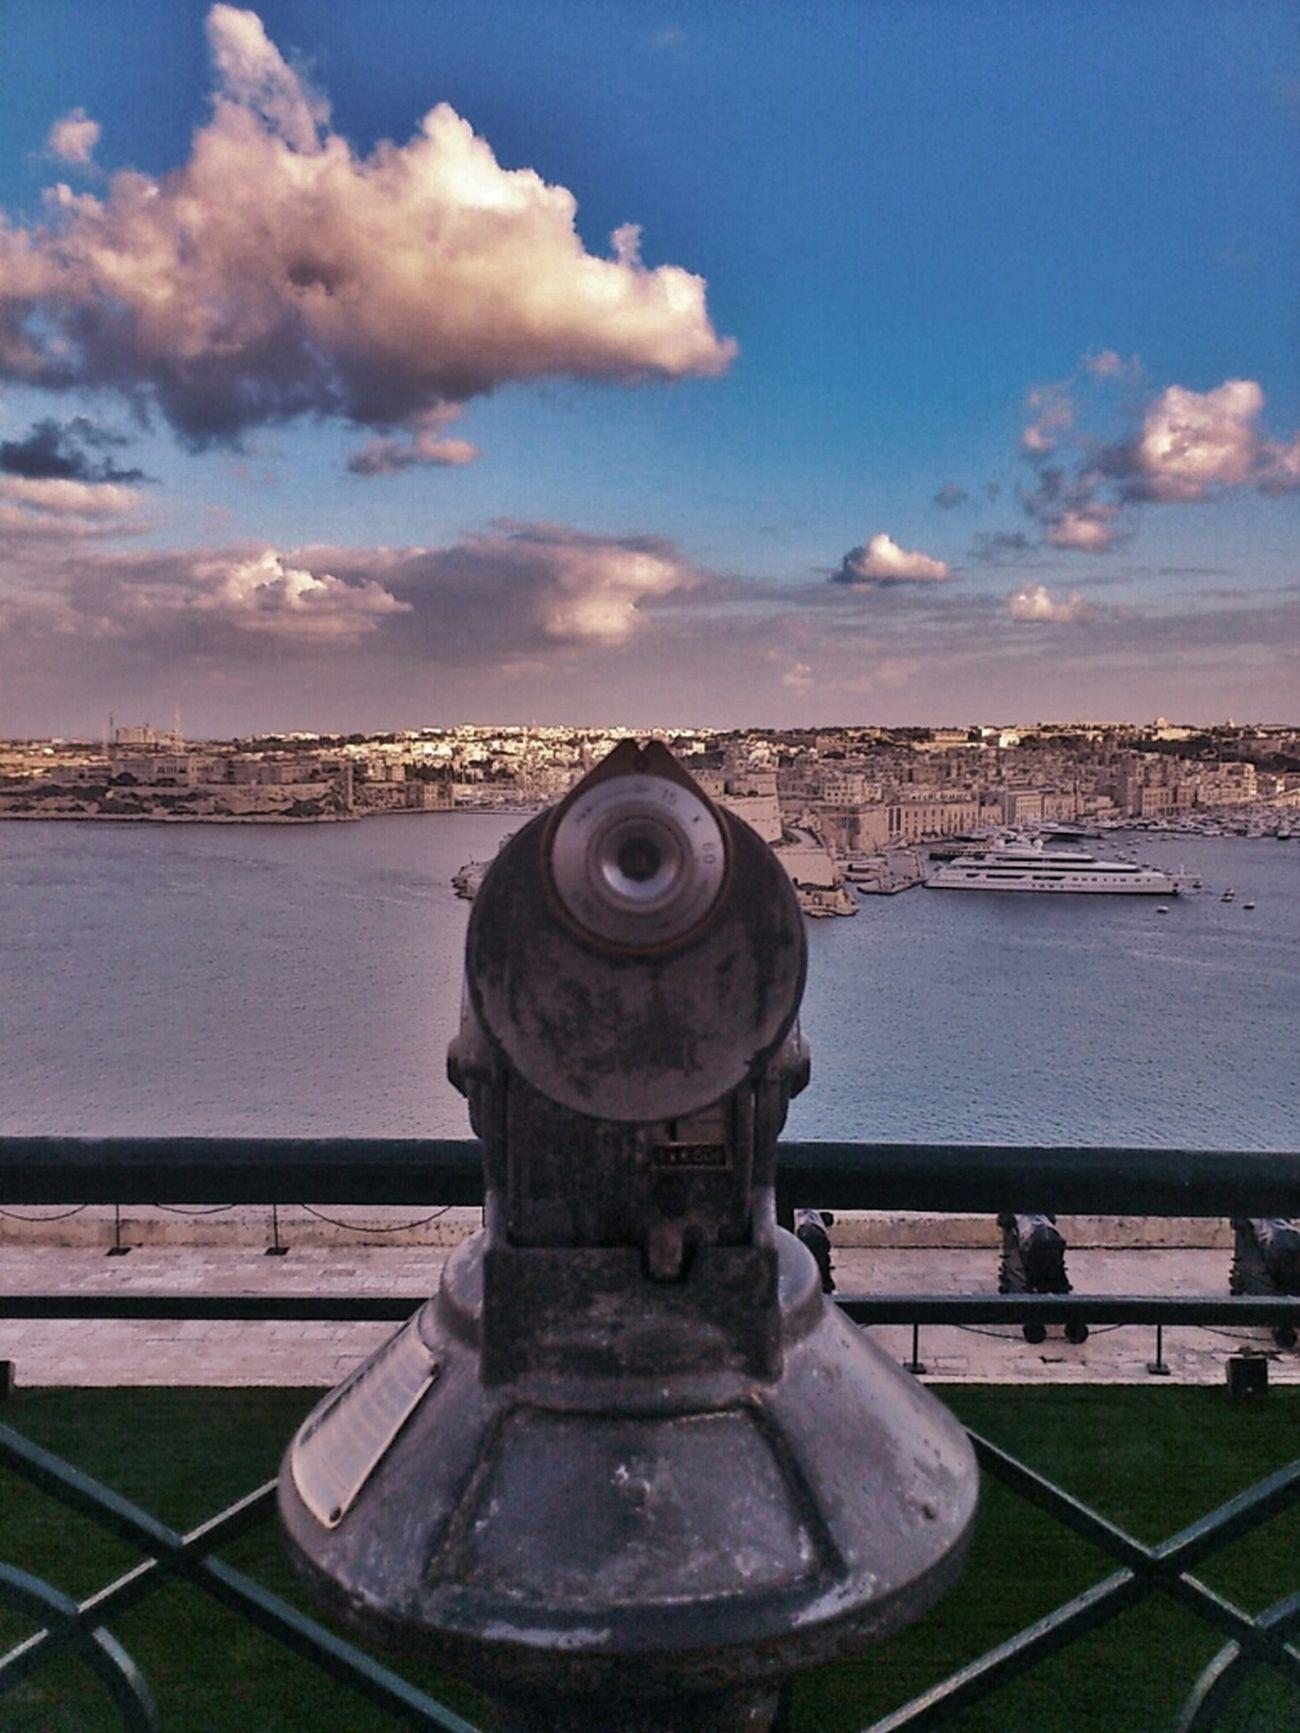 Sky Landscape The Minimals (less Edit Juxt Photography) Eye4photography  At Malta